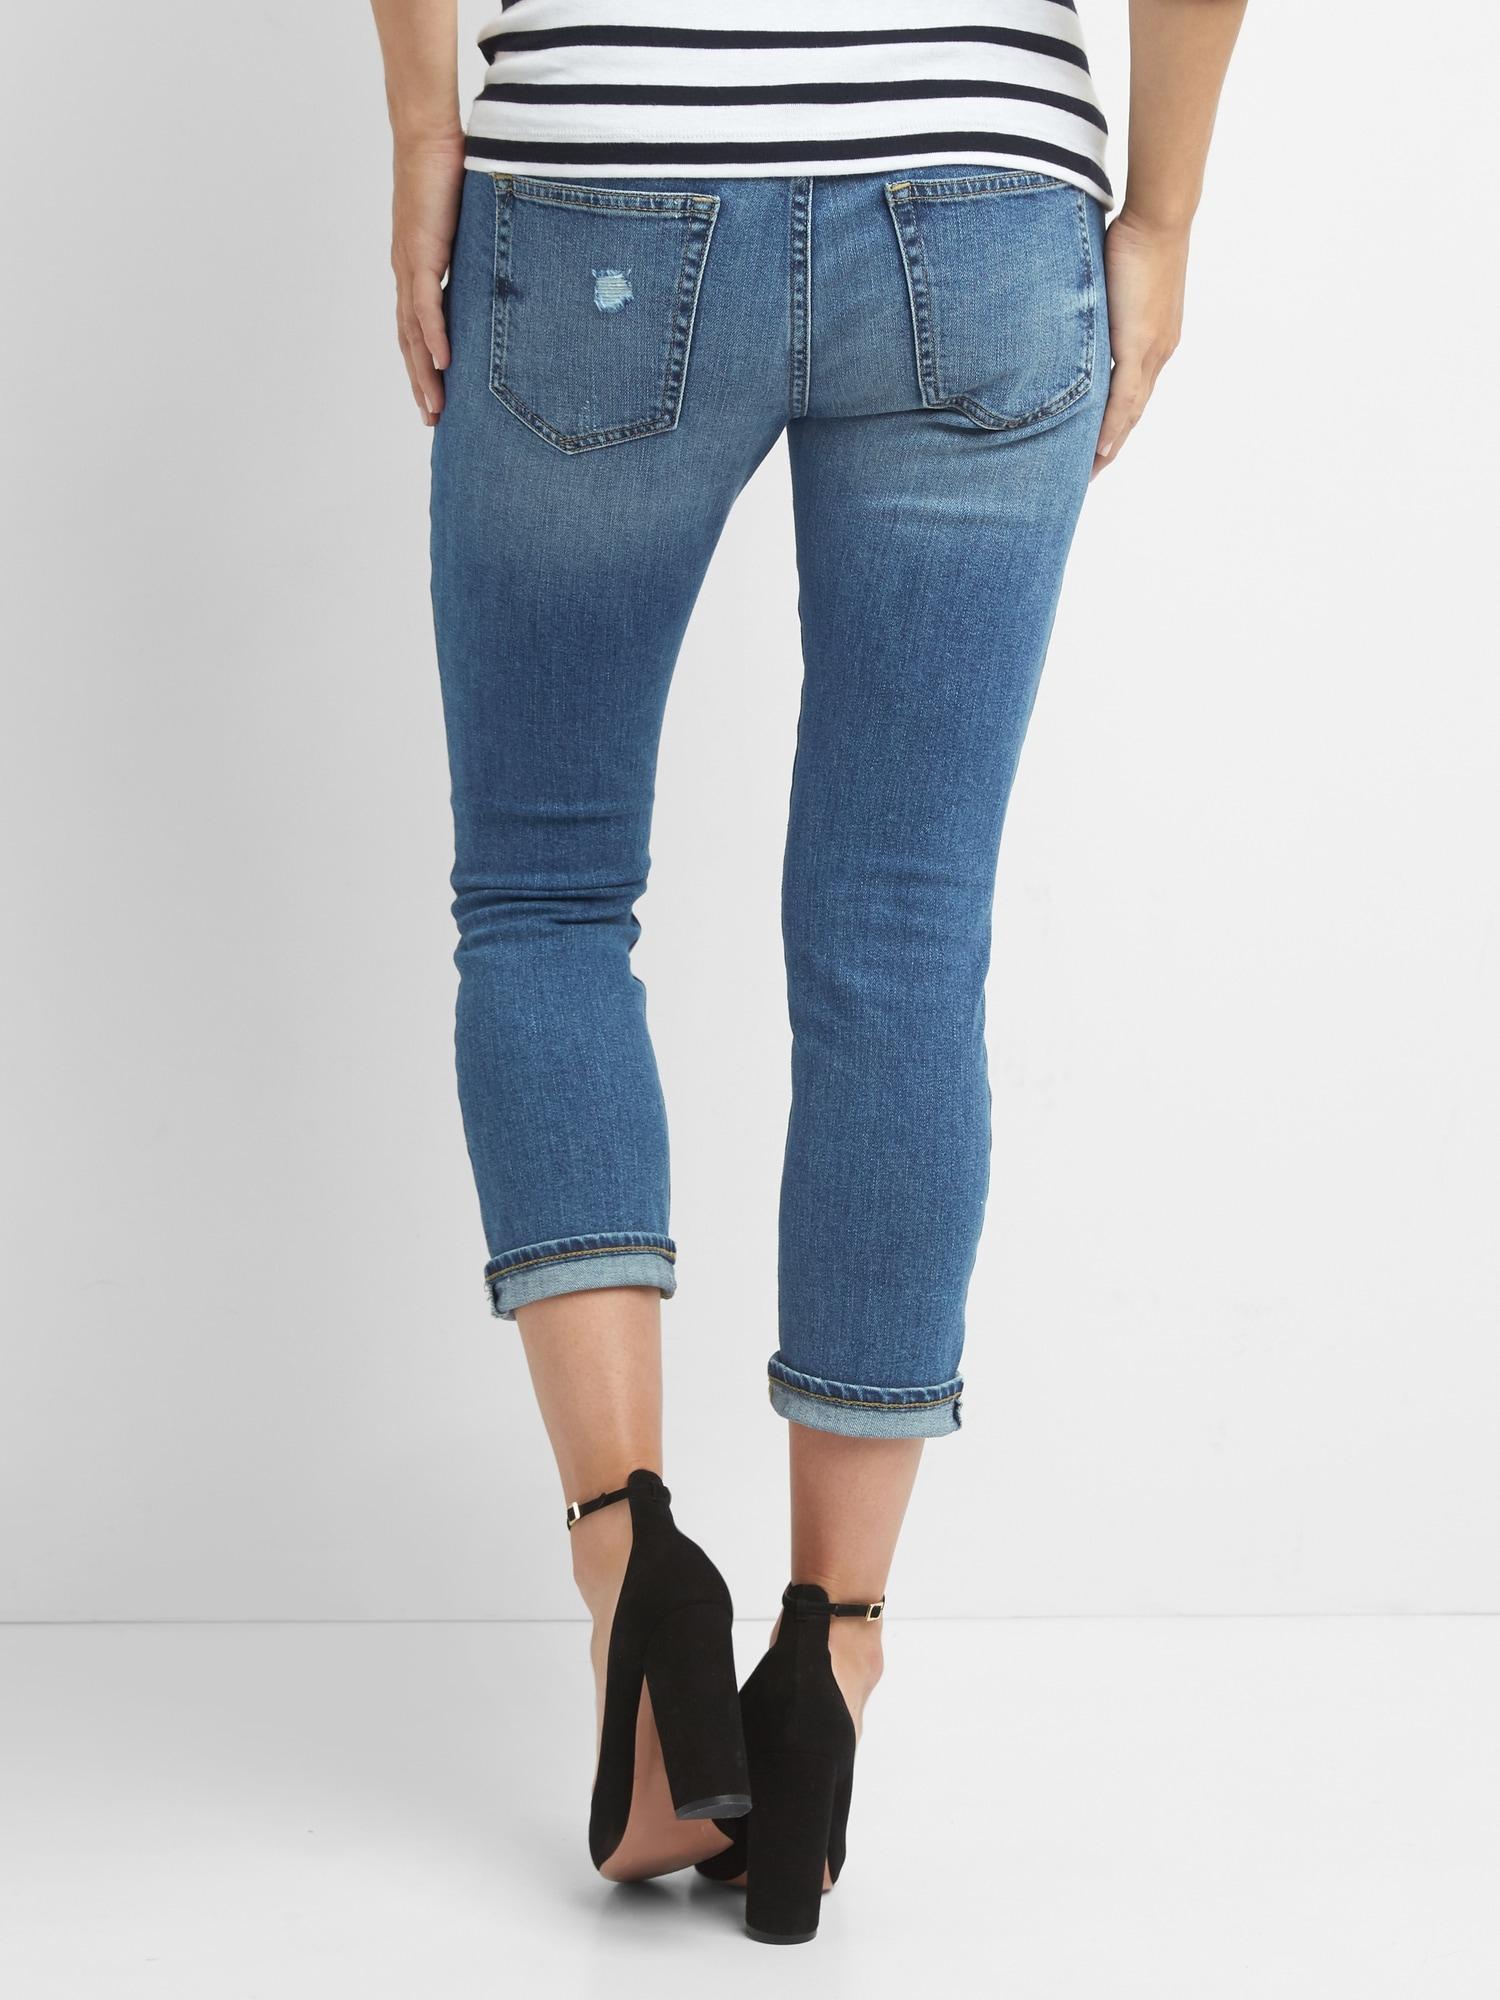 6bad3416d5de2 Gap Maternity Demi Panel Distressed Best Girlfriend Jeans in Blue - Lyst